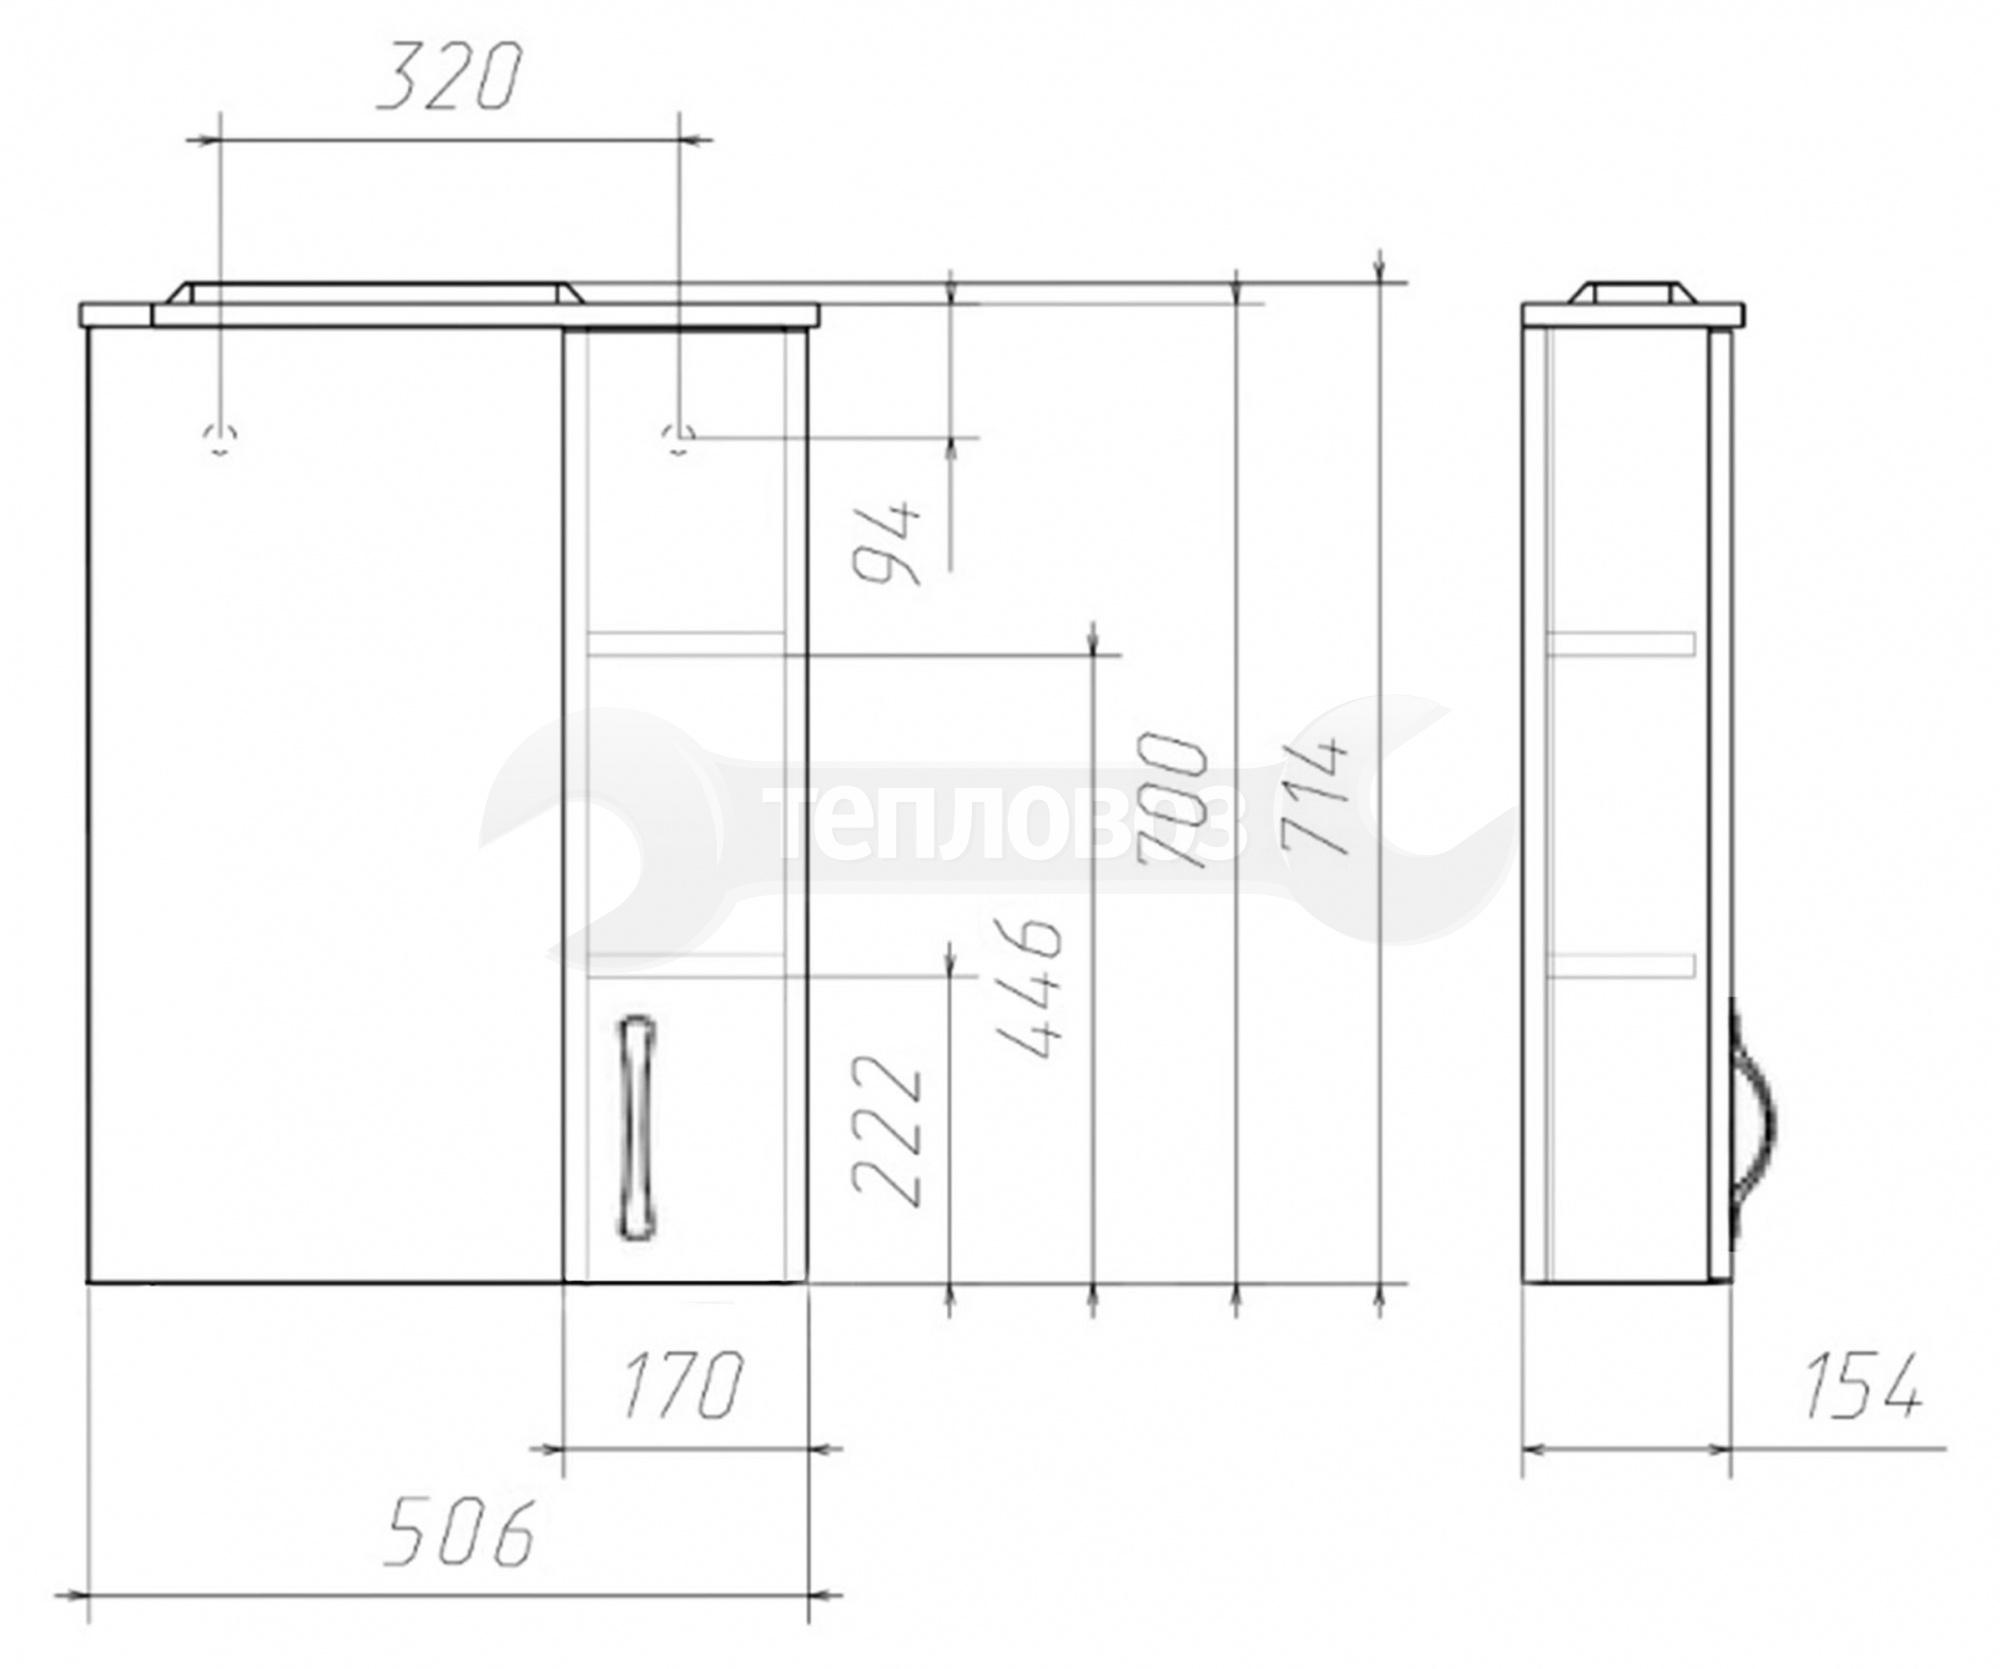 Домино Идеал Блик 50 DI44138HZ, 50 см